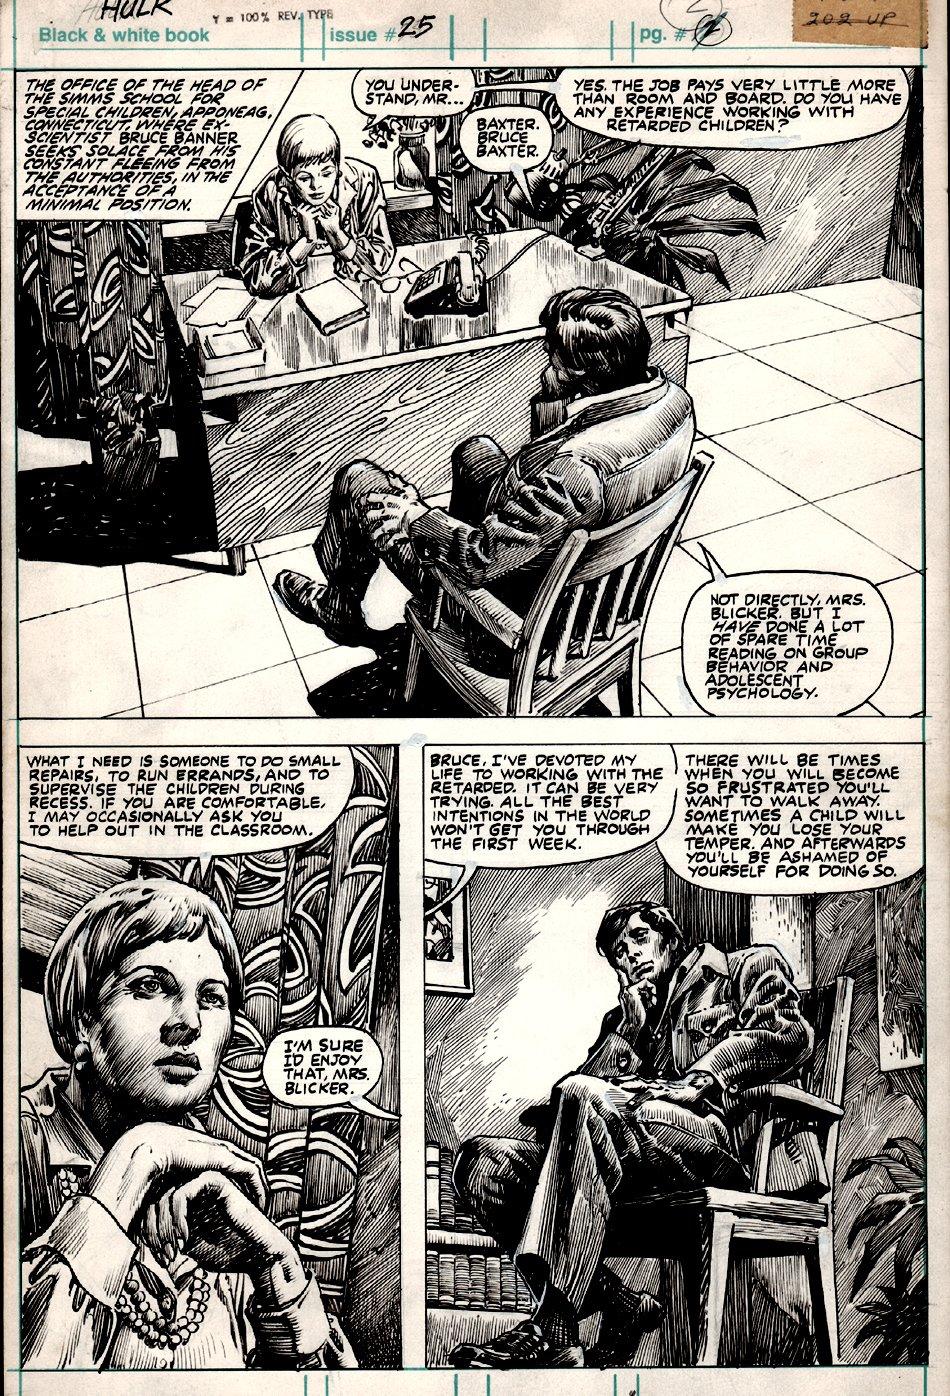 Hulk Magazine #25 p 2 (1980)